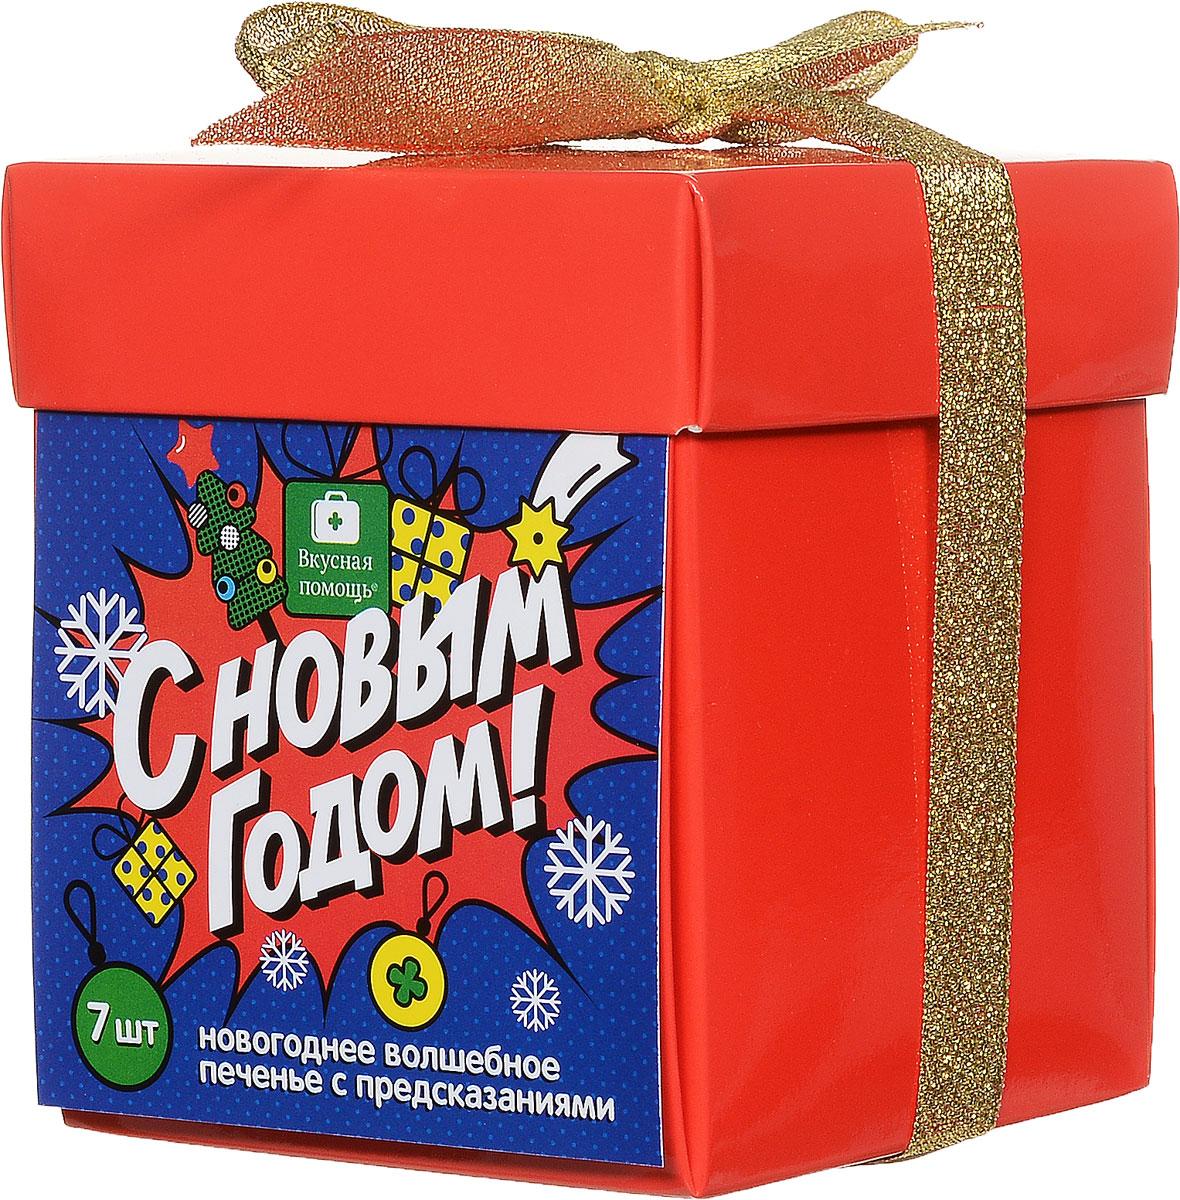 Вкусная помощь Новогоднее волшебное печенье с предсказаниями, 45,5 г4640000278014Вы скоро устраиваете новогоднюю вечеринку, или вы приглашены на чей-то праздник, а может быть, вы хотите собраться с друзьями, попивая чашечку ароматного чая? Тогда стоит подумать об изюминке, которую вы готовы привнести на ваше мероприятие. Прекрасное дополнение для вашего праздника - это печенье с предсказаниями на грядущий год! Предсказания наполнены теплотой и нежностью, они будут приятны каждому. Открывайте коробку печенья с предсказаниями - испытывайте судьбу! В коробке 7 печенек с теплыми и душевными новогодними предсказаниями.